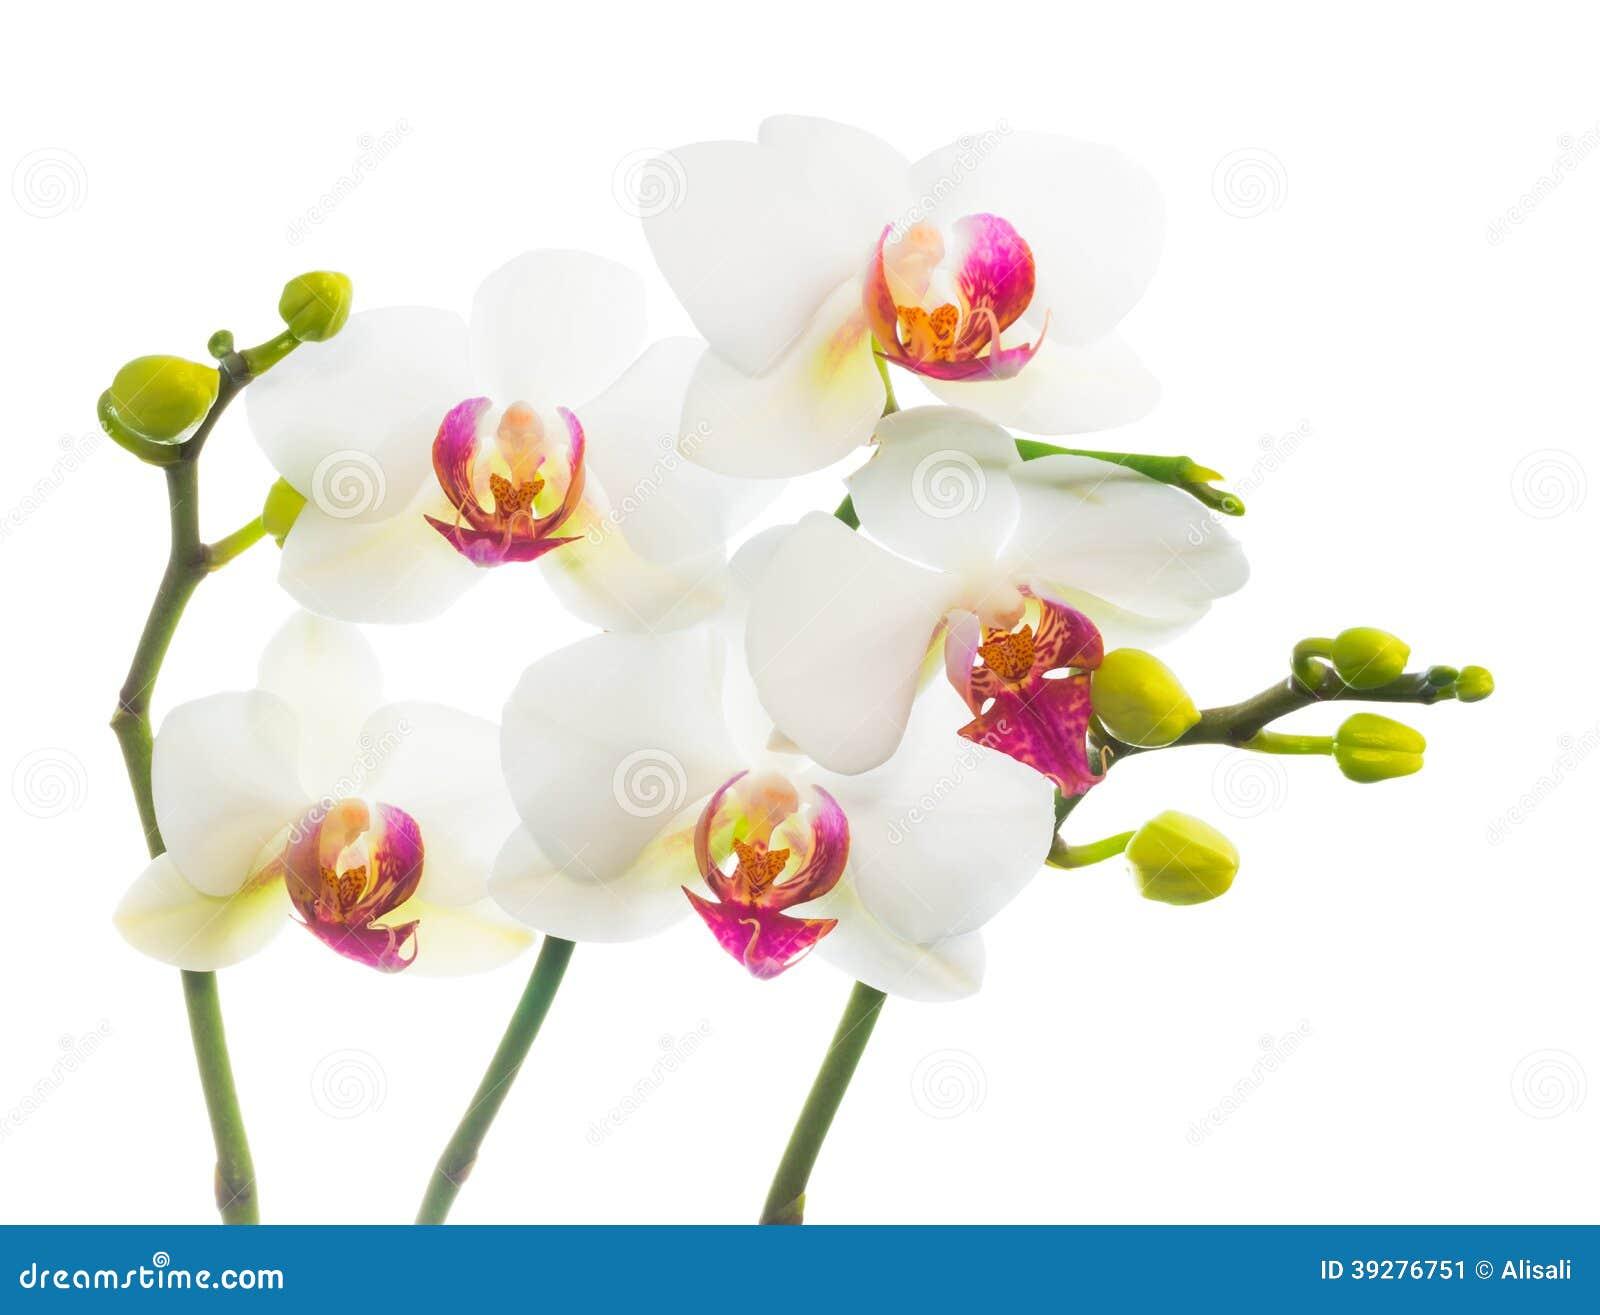 Blanc de floraison de branche avec l 39 orchid e rouge photo stock image 39276751 - Symbole de l orchidee ...